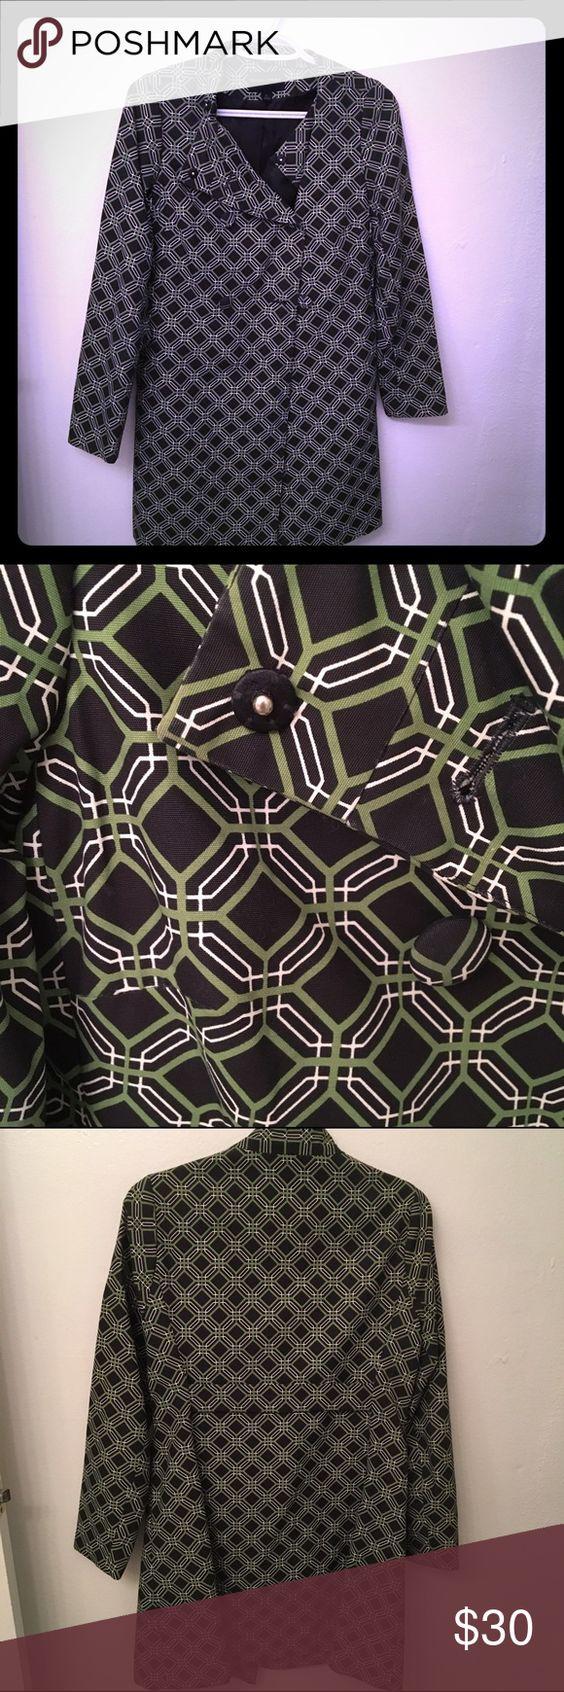 Navy and green jacket Worn twice Banana Republic Jackets & Coats Trench Coats